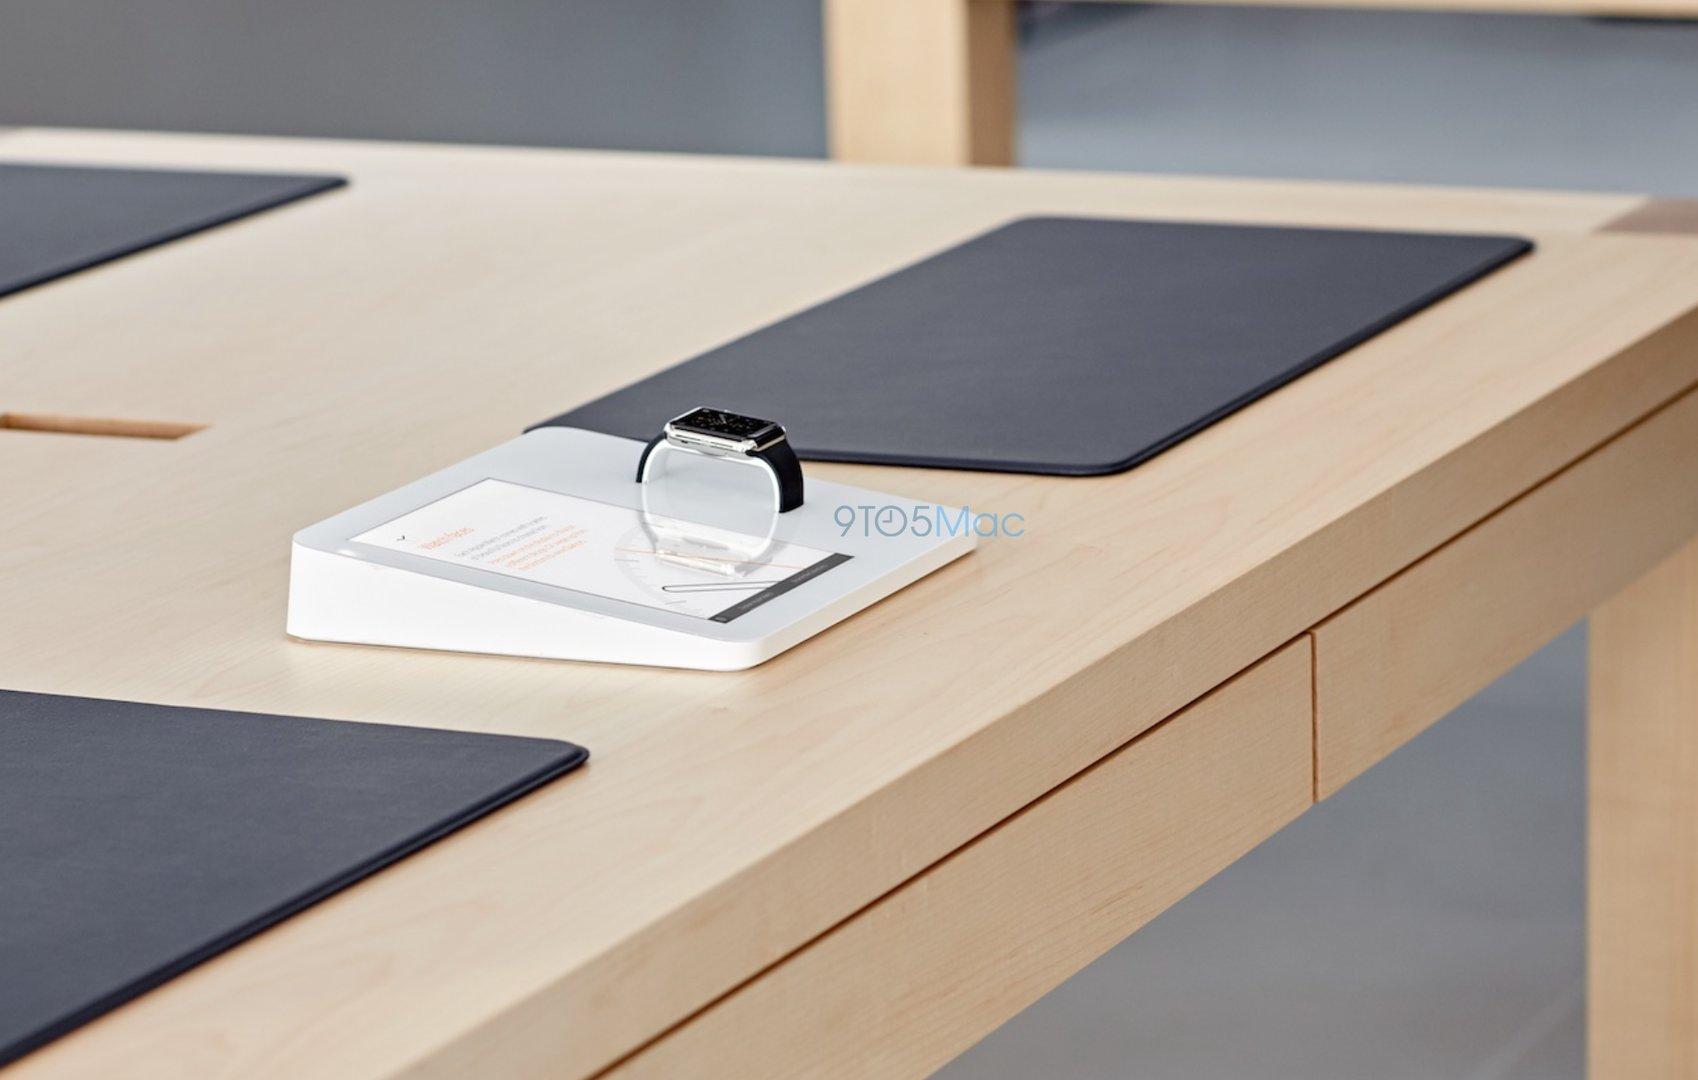 Tische mit gesicherten Schubladen